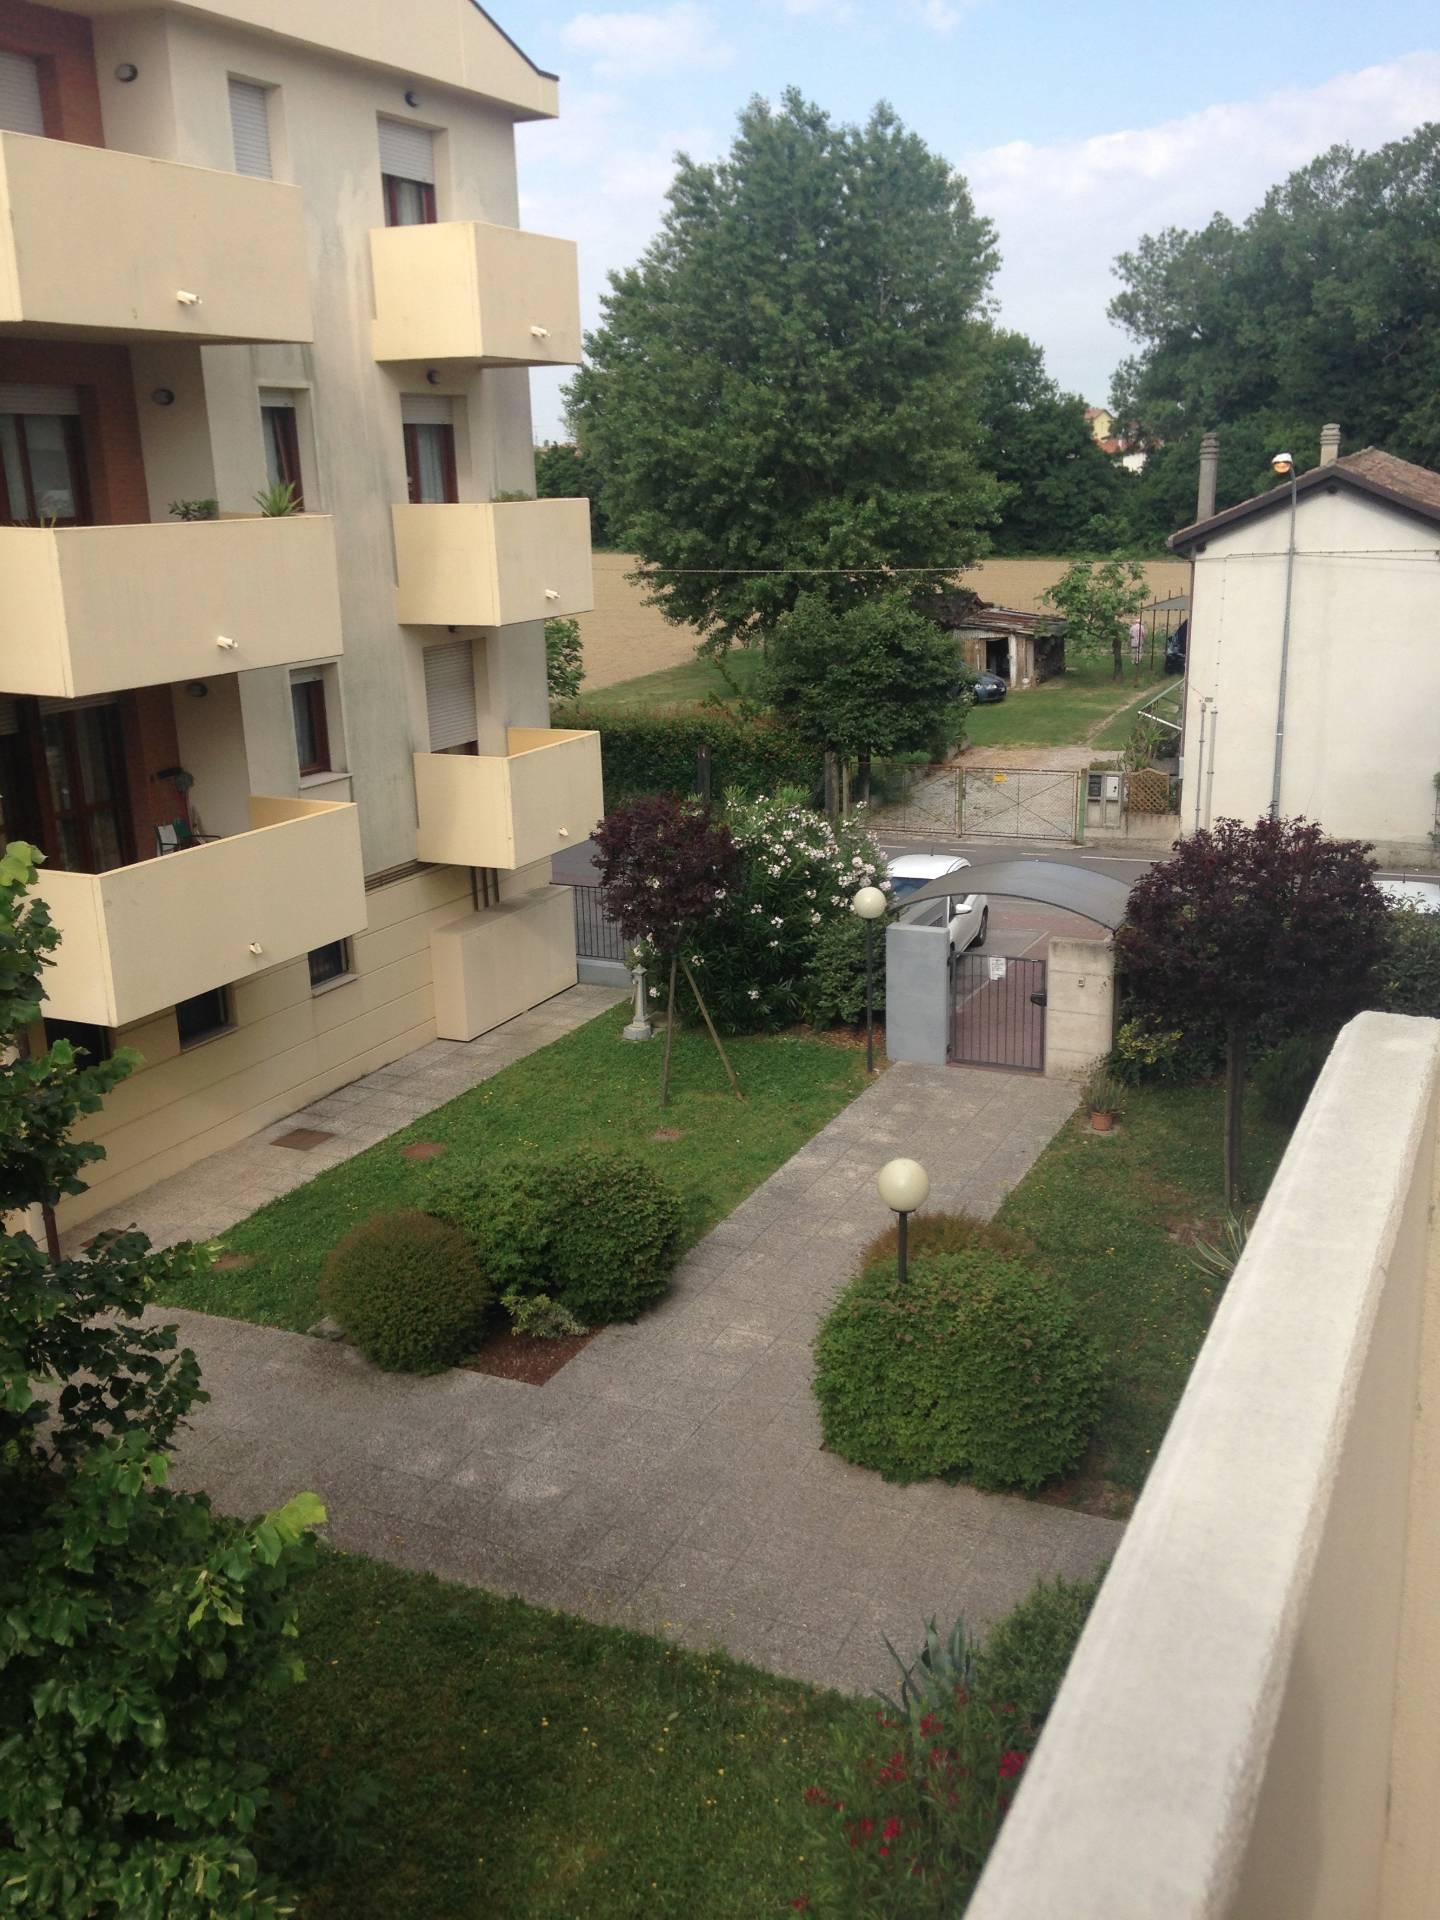 Appartamento in affitto a Spinea, 4 locali, prezzo € 105.000 | CambioCasa.it